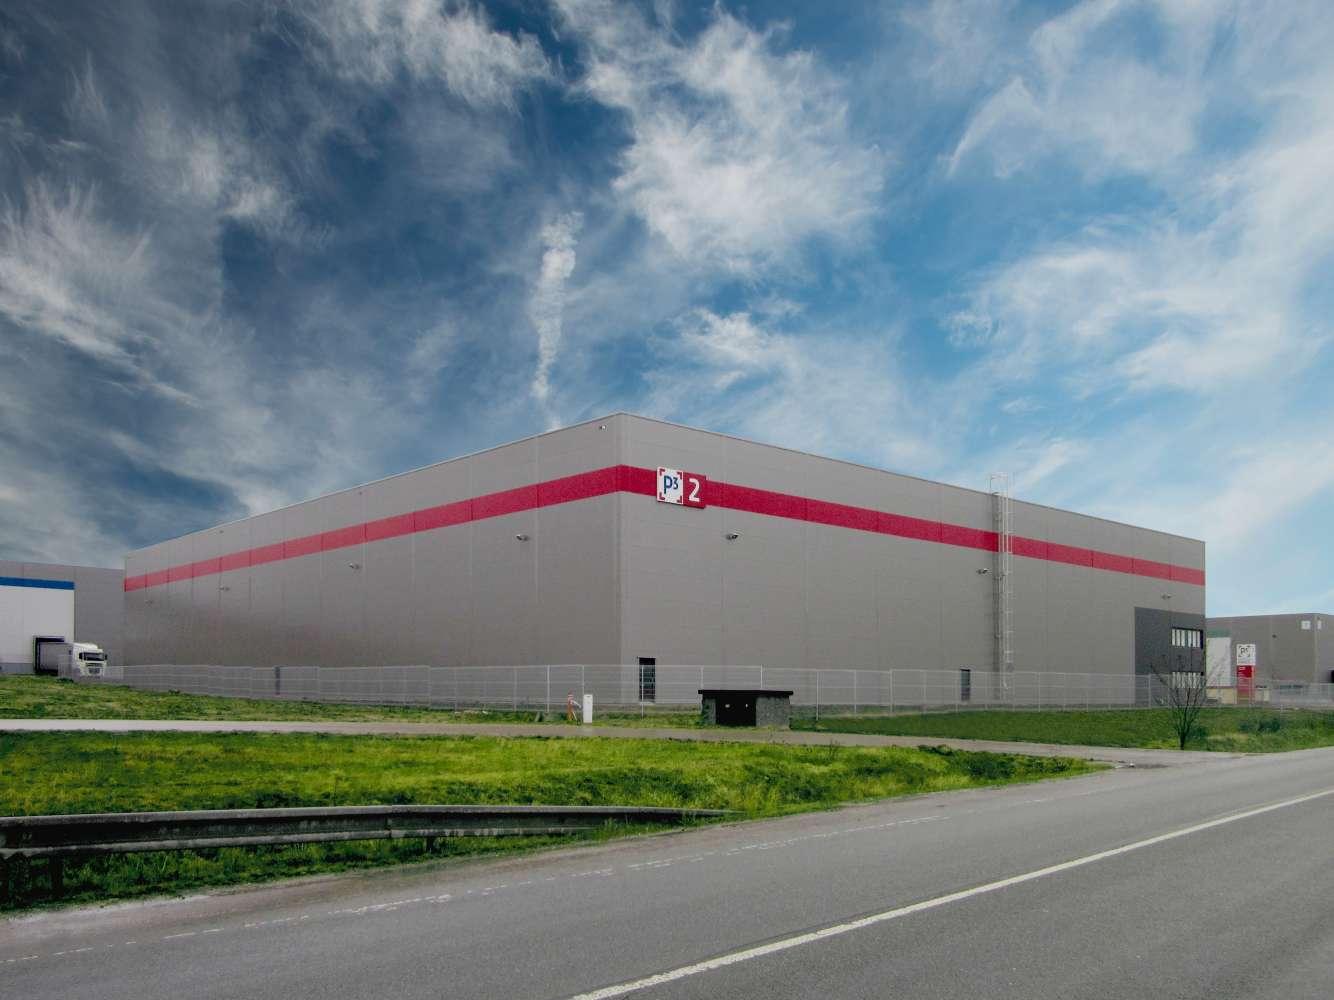 Průmyslové nemovitosti Dobřenice,  - P3 Hradec Králové - 345902475088462